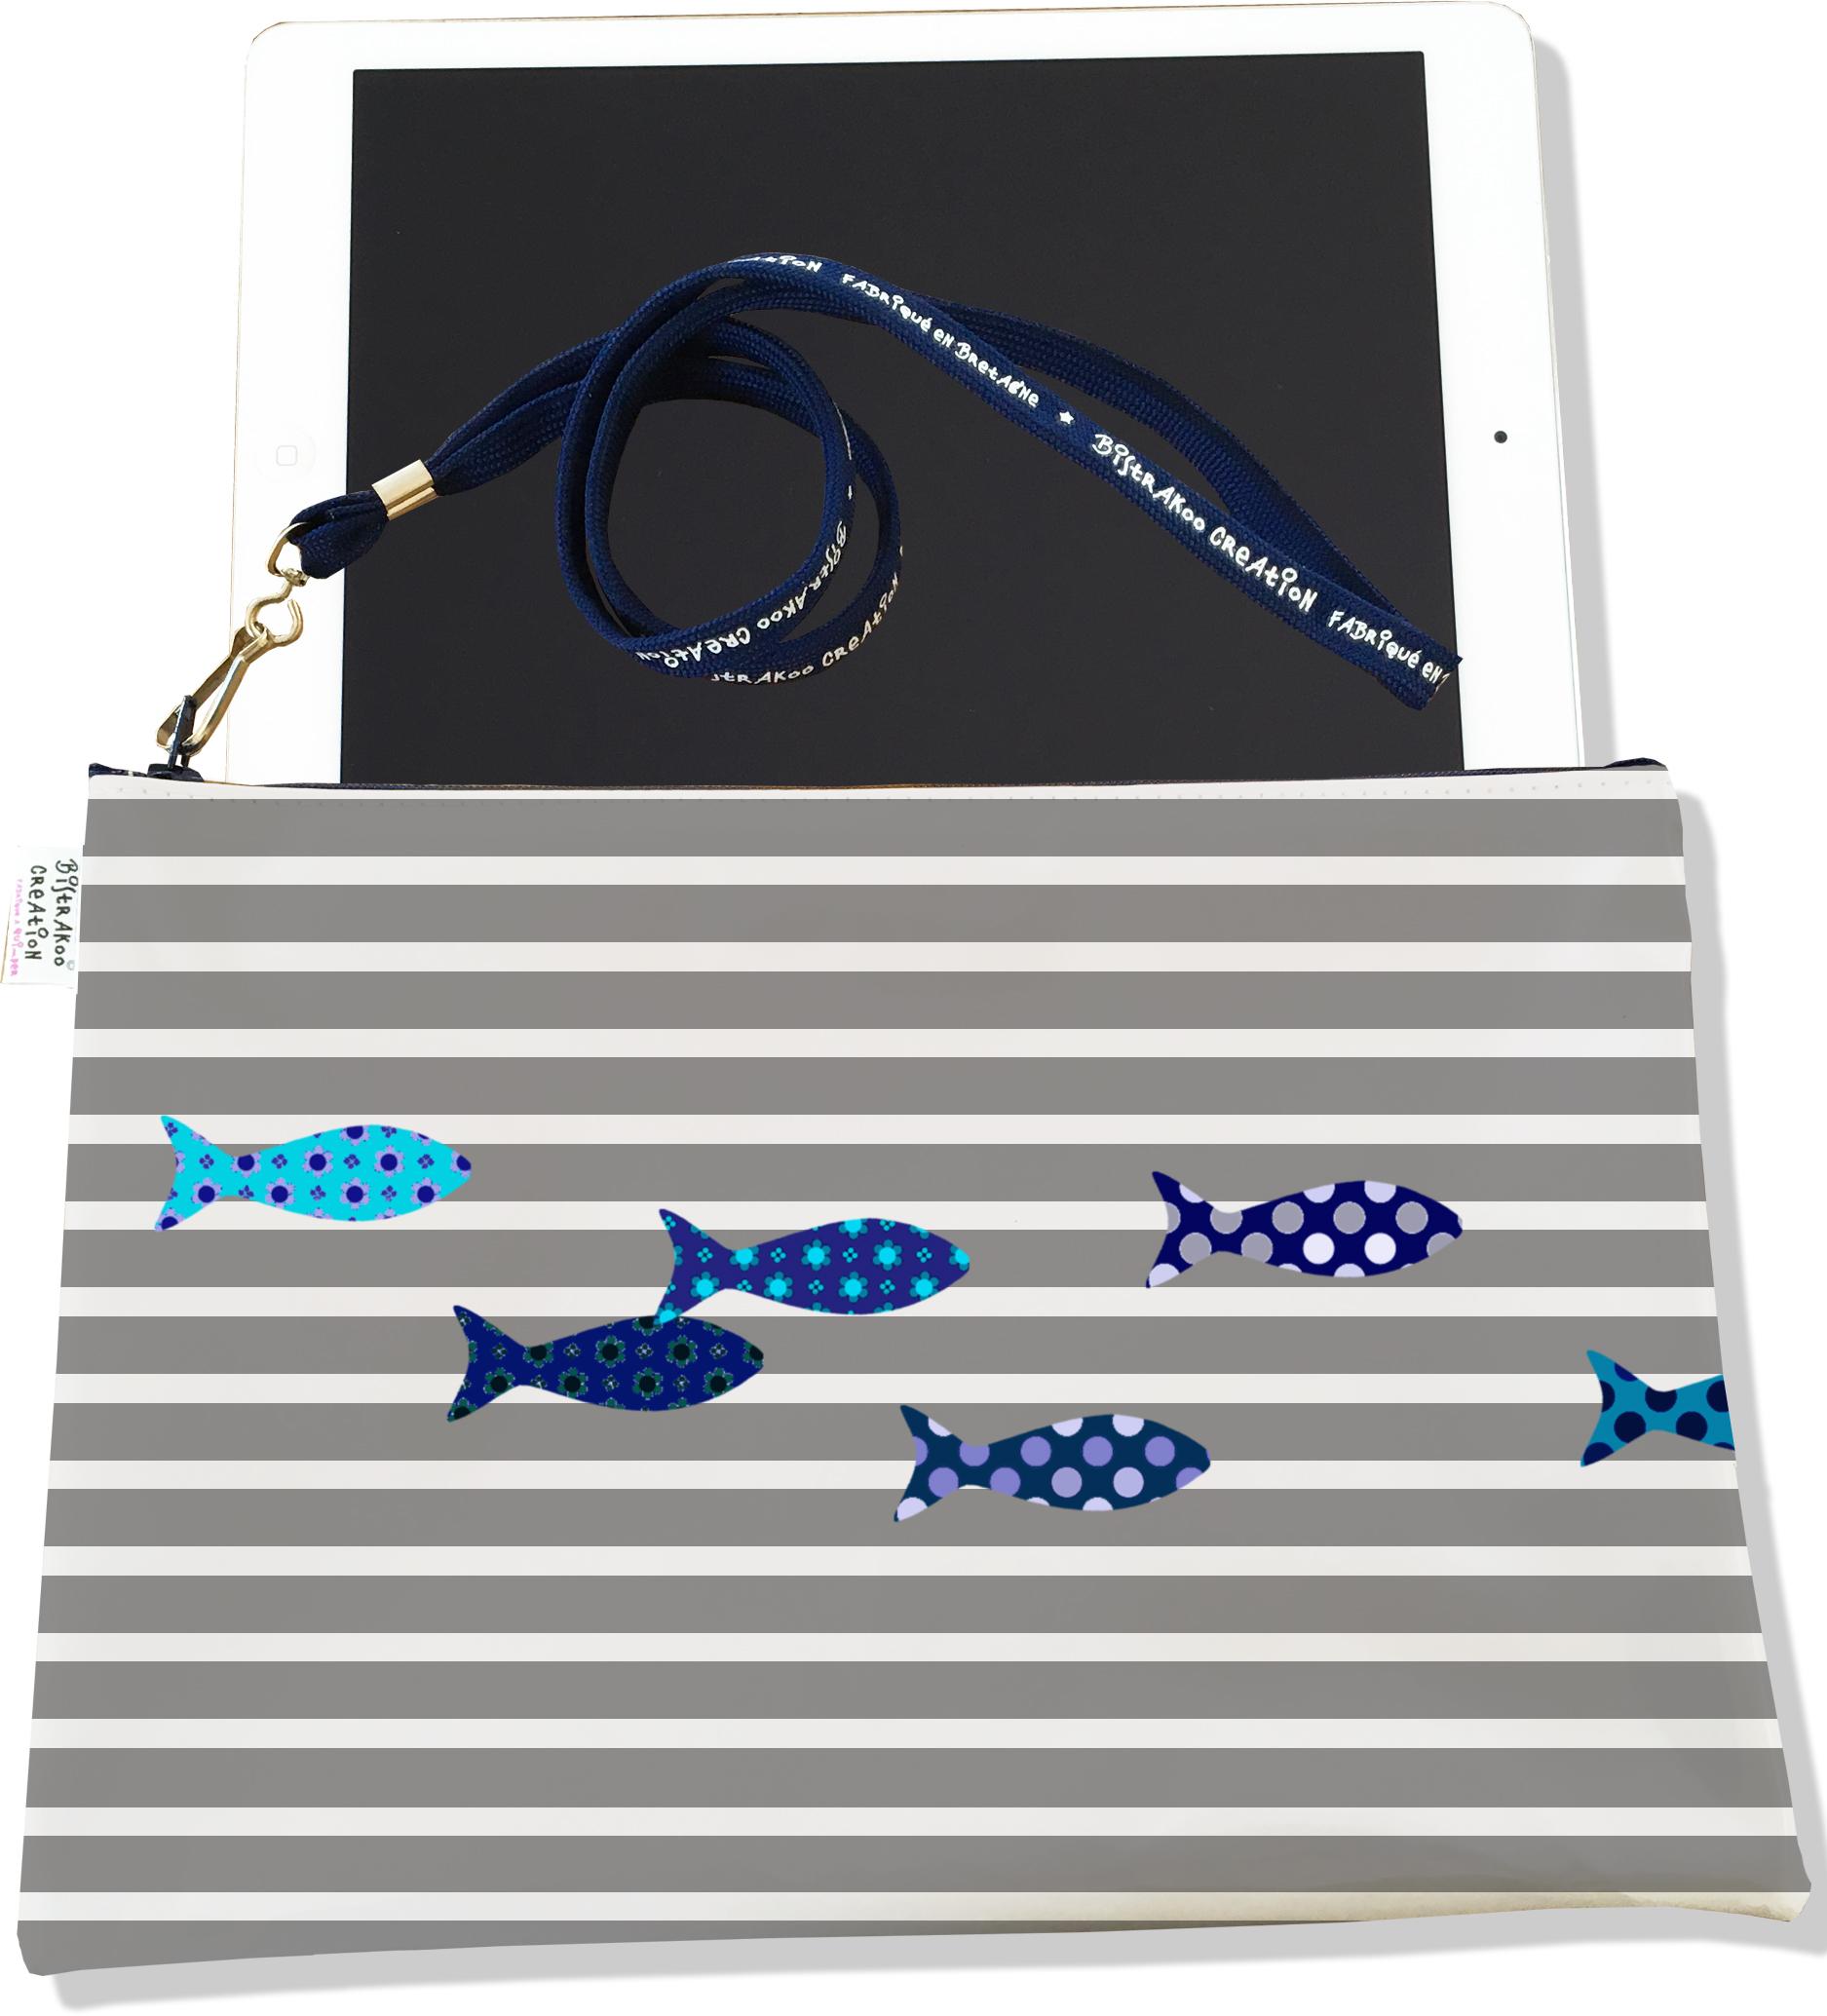 Housse pour tablette pour femme motif Poissons bleus marinière grise 2584